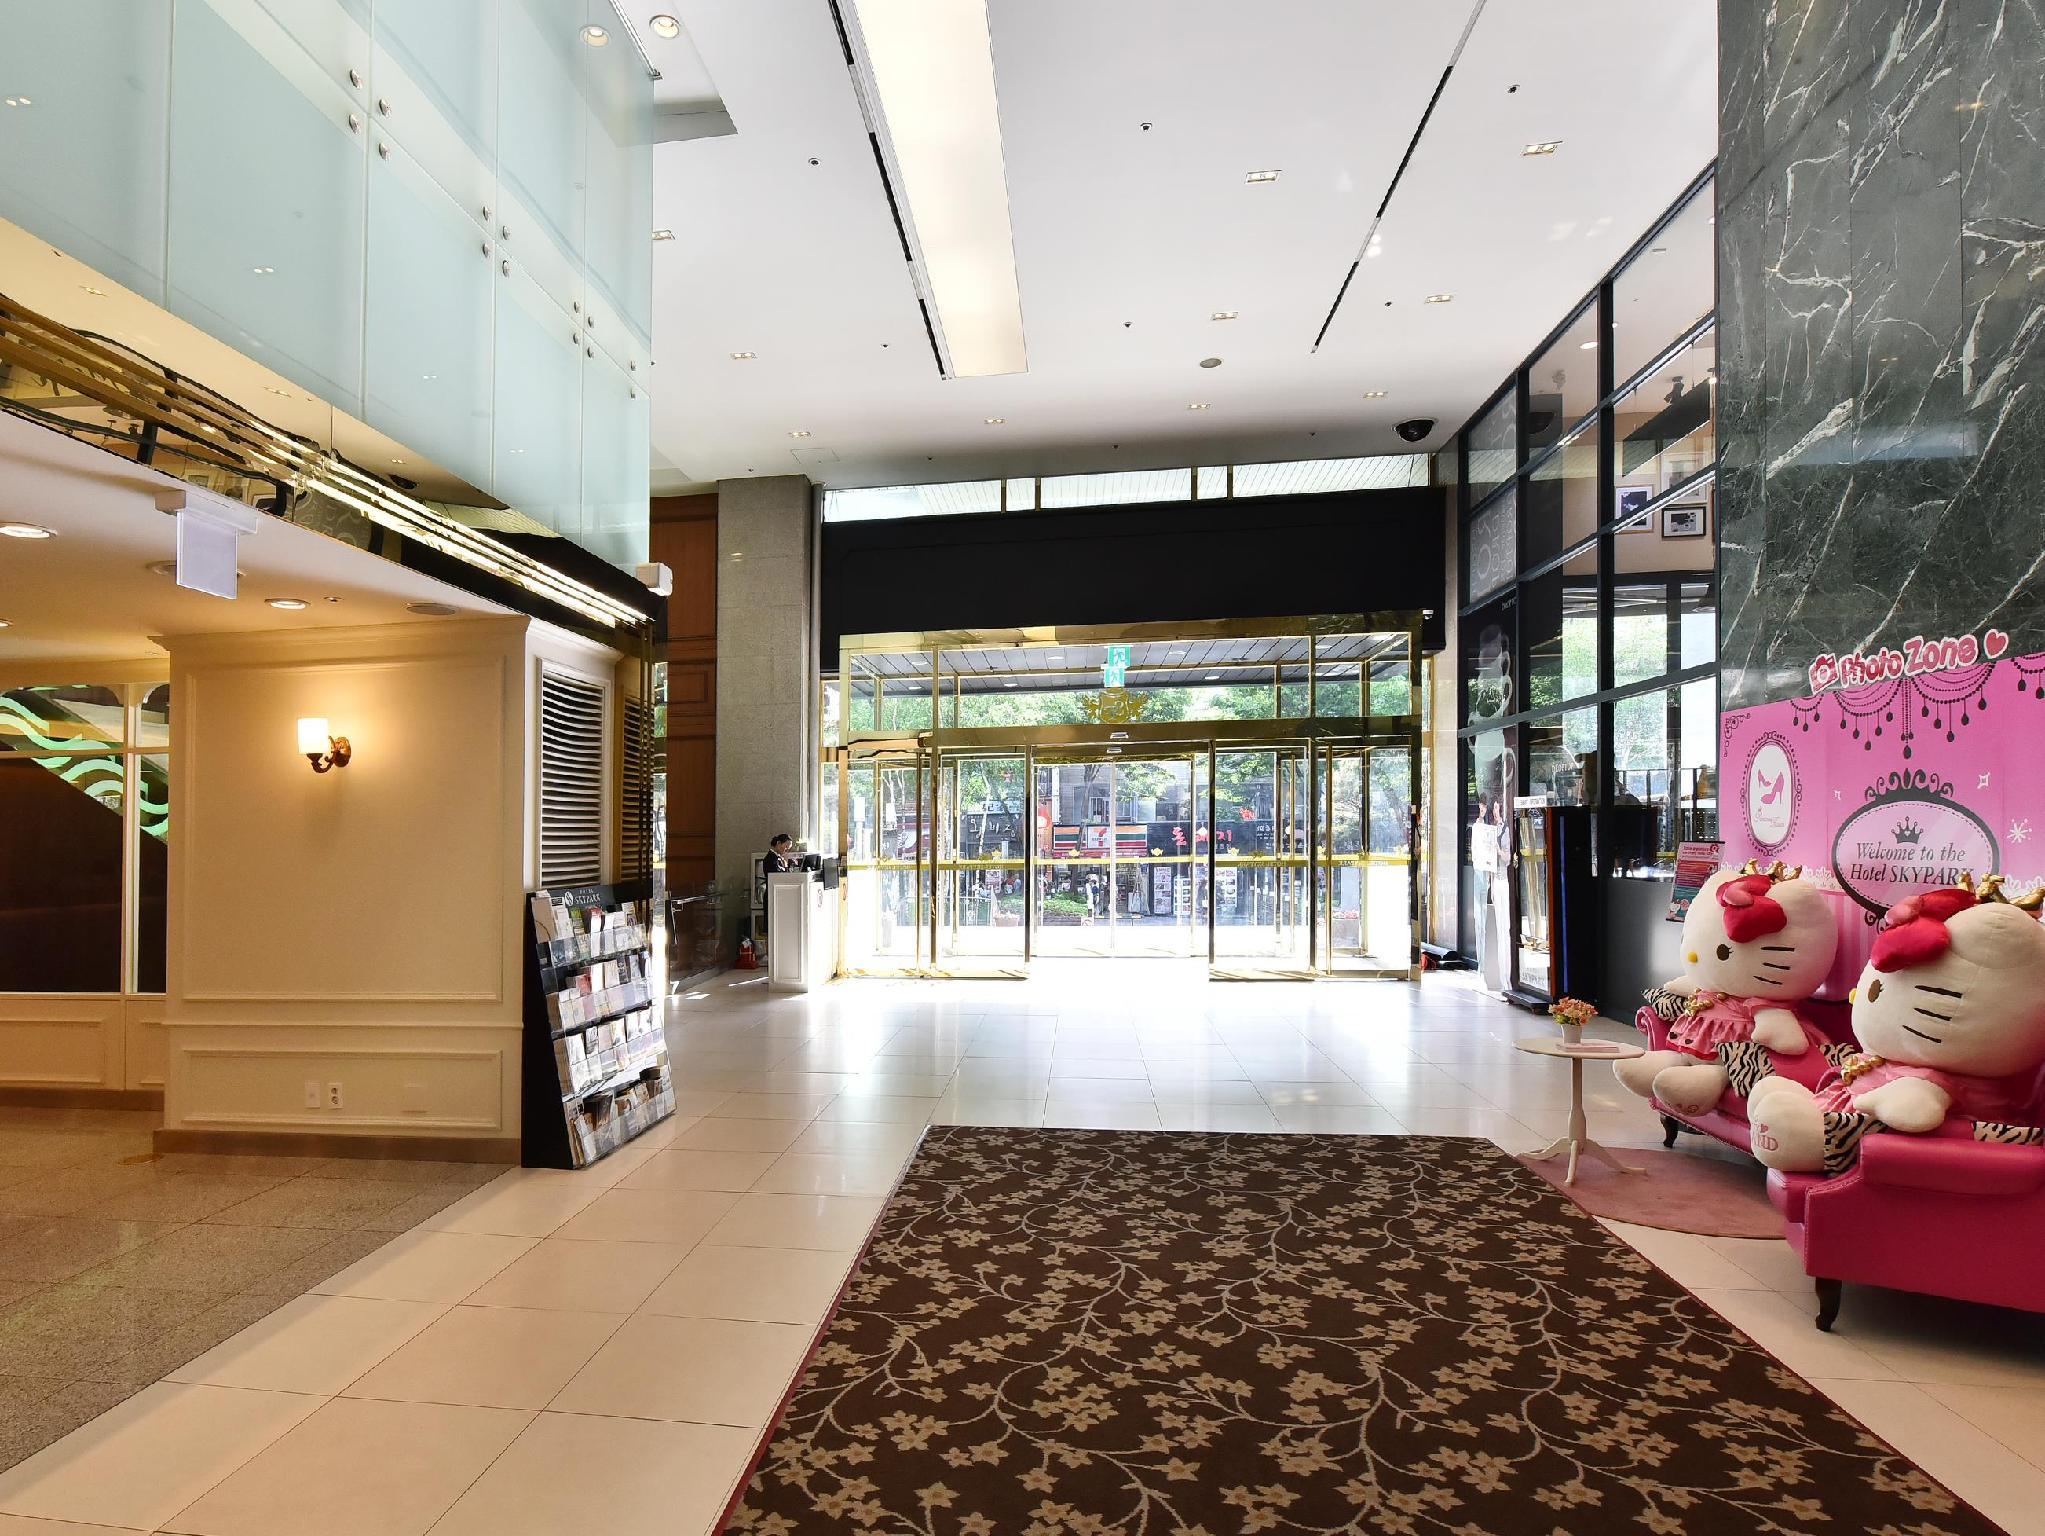 ホテル スカイパーク セントラル ミョンドン Hotel Skypark Central ...